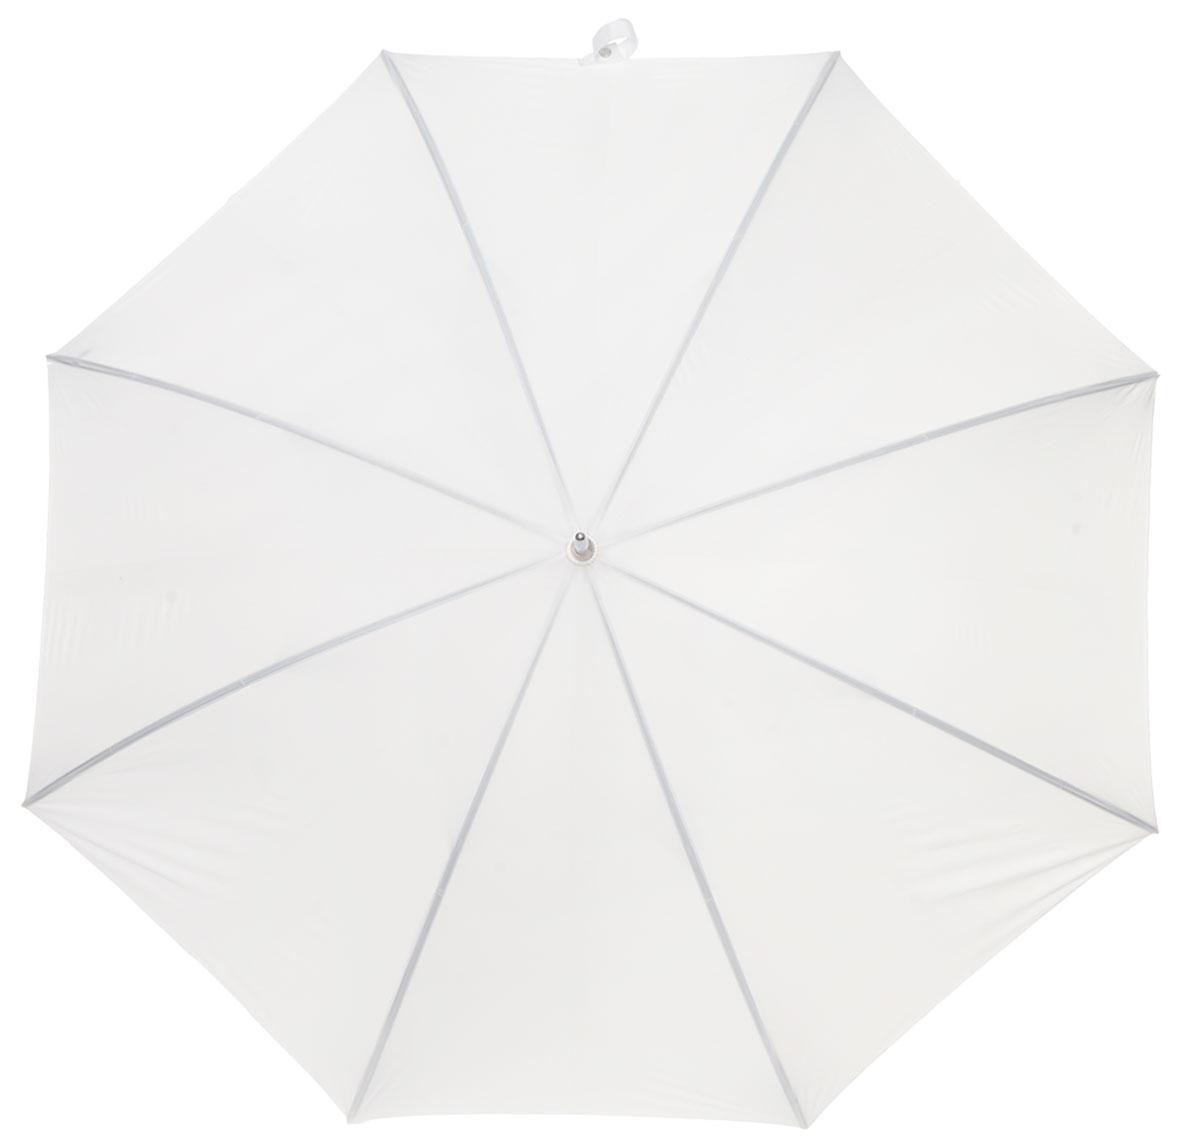 Зонт-гольфер мужской Fulton Fairway, механический, цвет: белый. S664-02S664-02 WhiteМеханический мужской зонт-гольфер Fulton Fairway надежно защитит вас от дождя. Каркас зонта включает 8 двойных спиц из стали. Стержень также изготовлен из стали. Купол зонта выполнен из высококачественного однотонного полиэстера. Изделие дополнено удобной пластиковой рукояткой. Зонт механического сложения: купол открывается и закрывается вручную до характерного щелчка. Модель дополнительно застегивается с помощью хлястика на кнопку. Такой зонт станет стильным аксессуаром, который подчеркнет ваш образ.